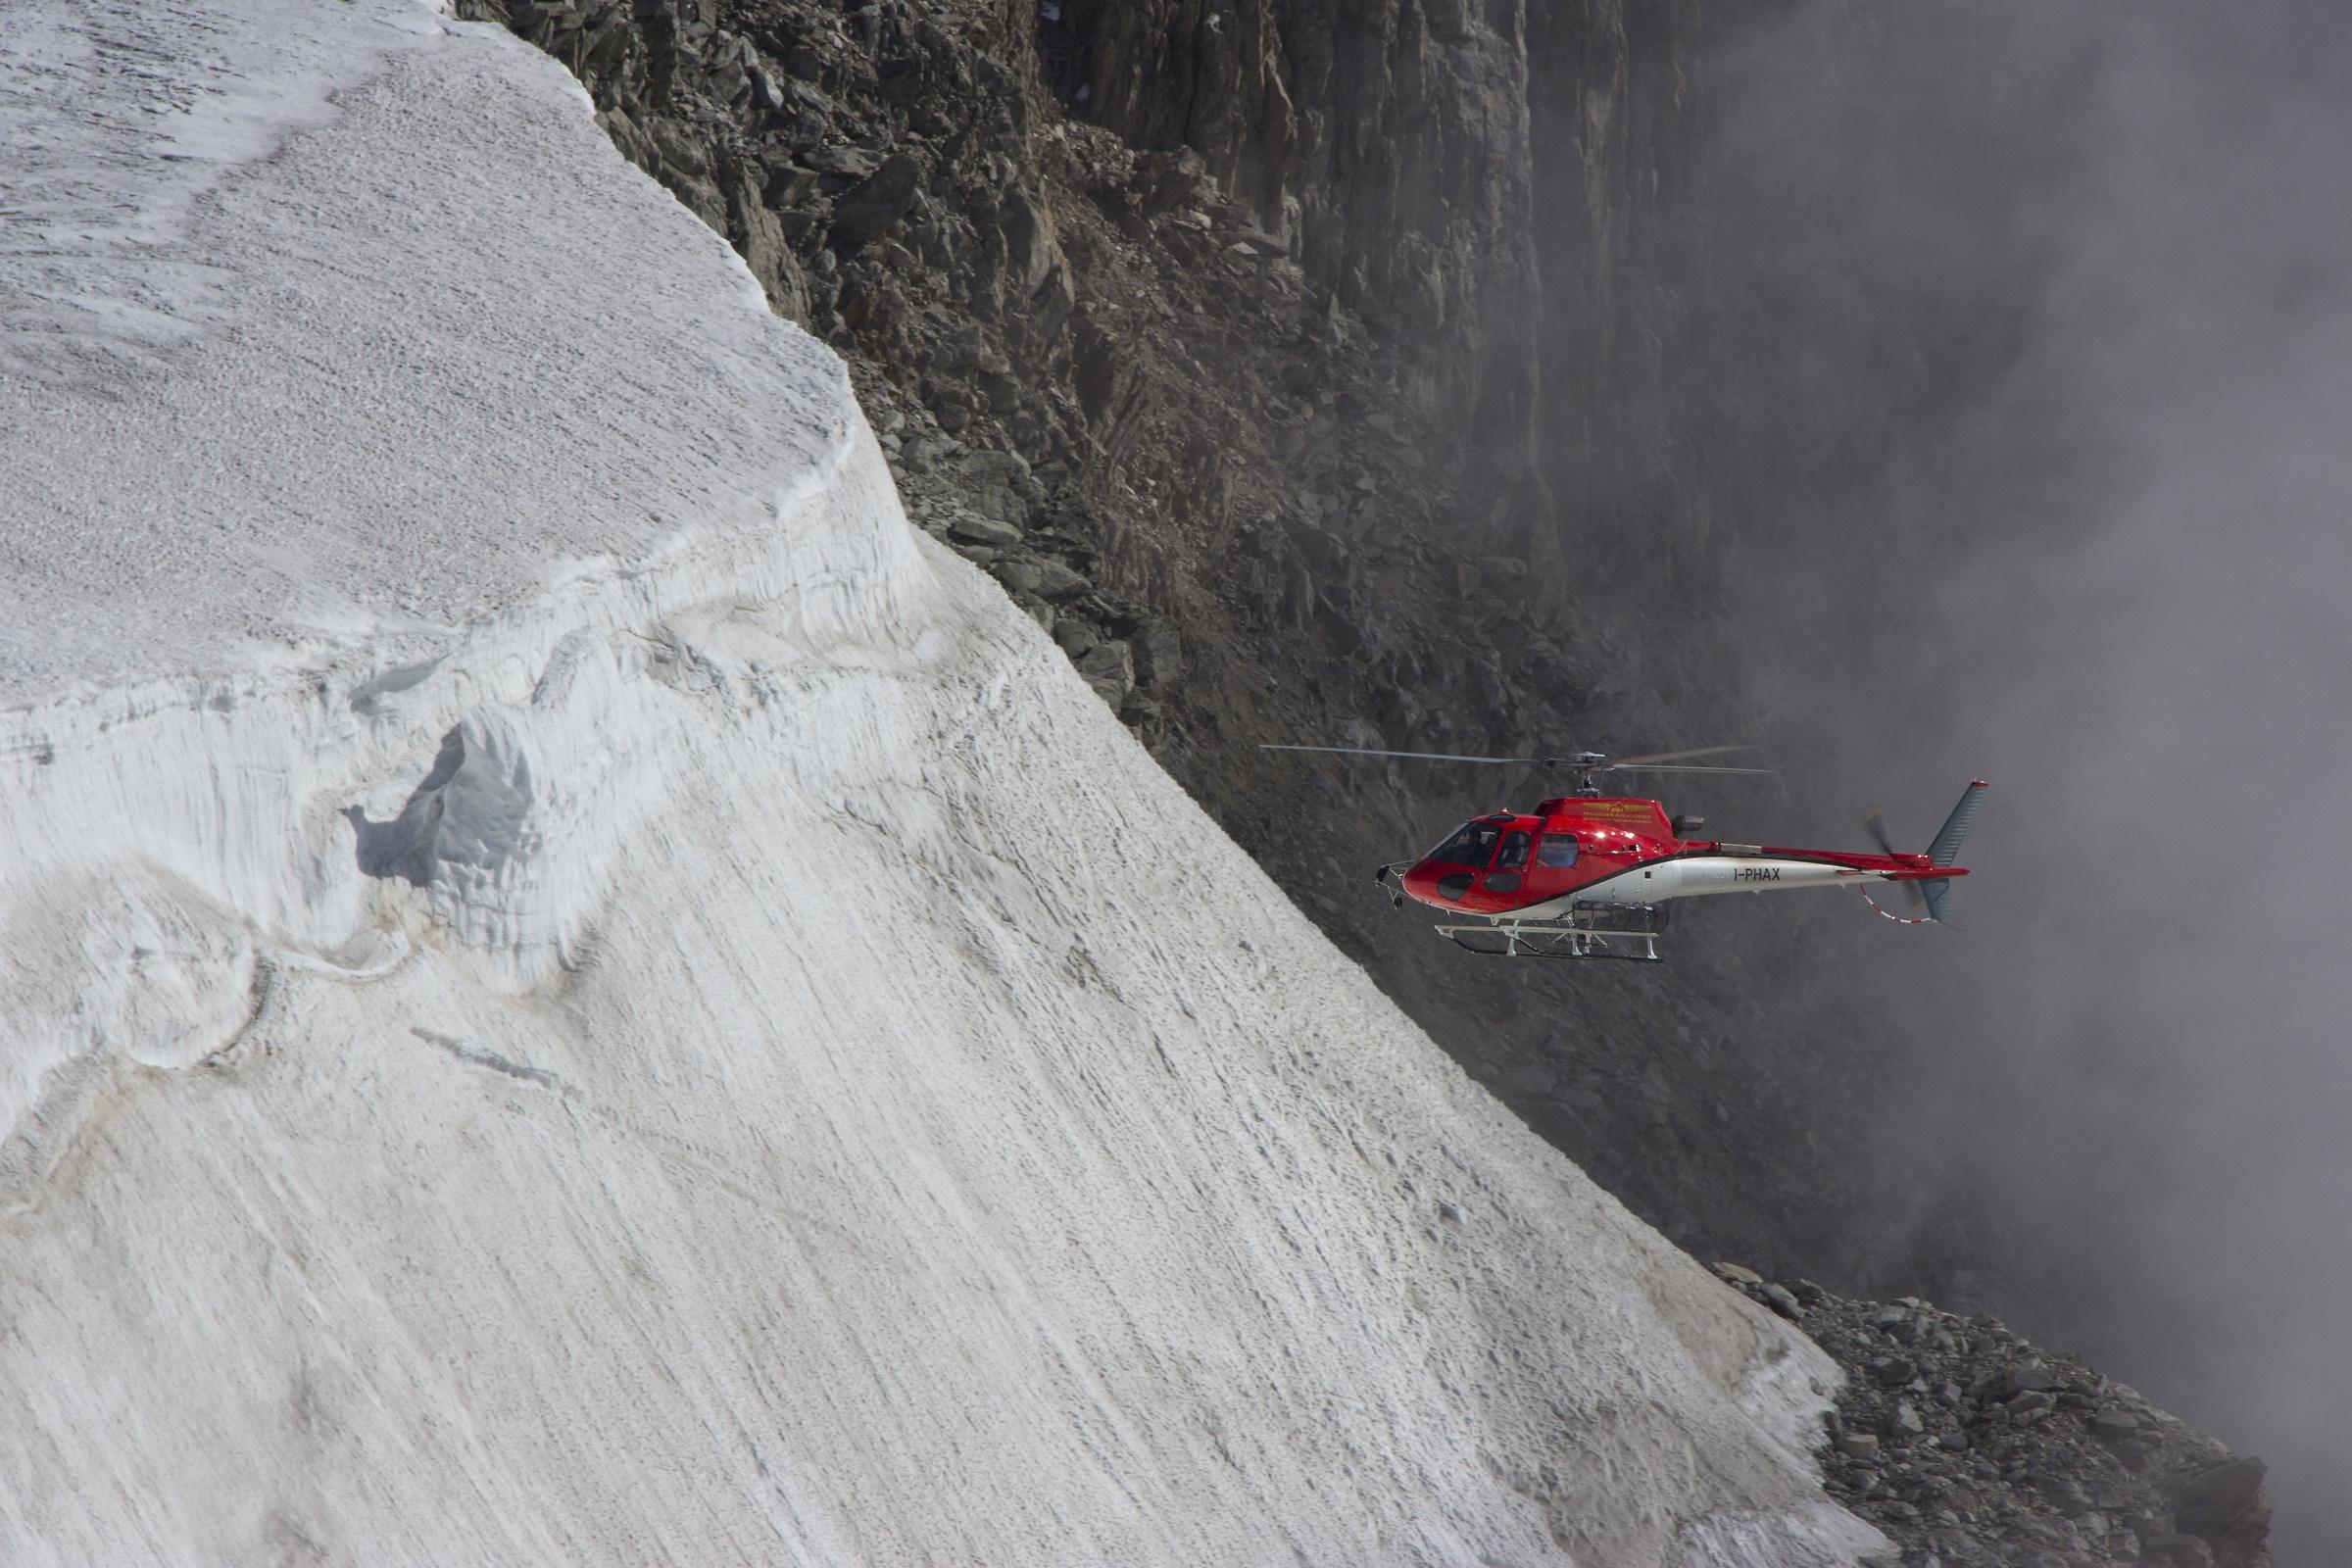 elisoccorso in azione ,ghiacciai del monte bianco...